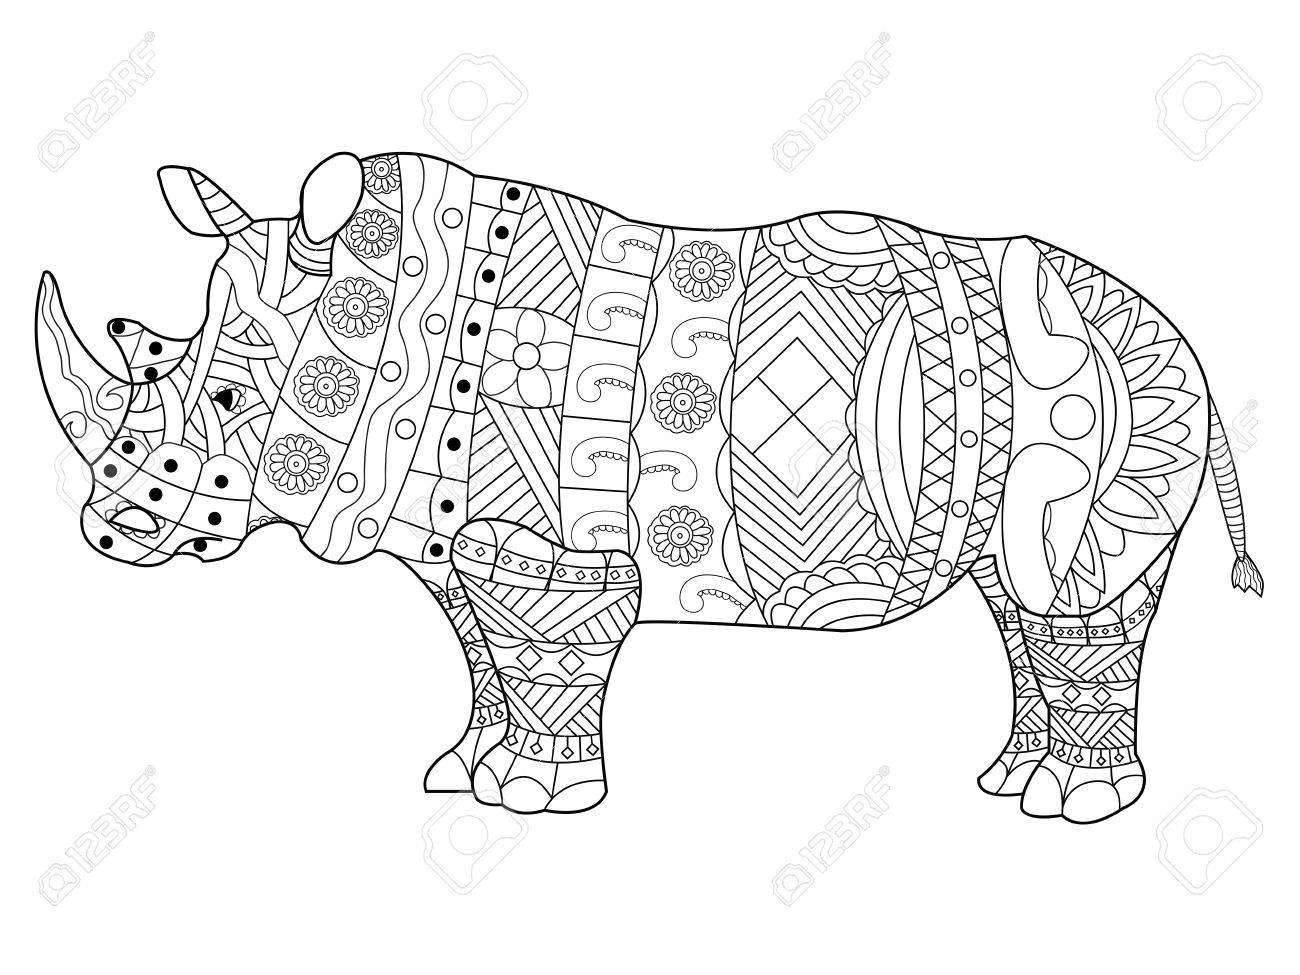 banque dimages rhinoceros livre de coloriage pour les adultes illustration vectorielle anti stress coloration pour les adultes les lignes noires et